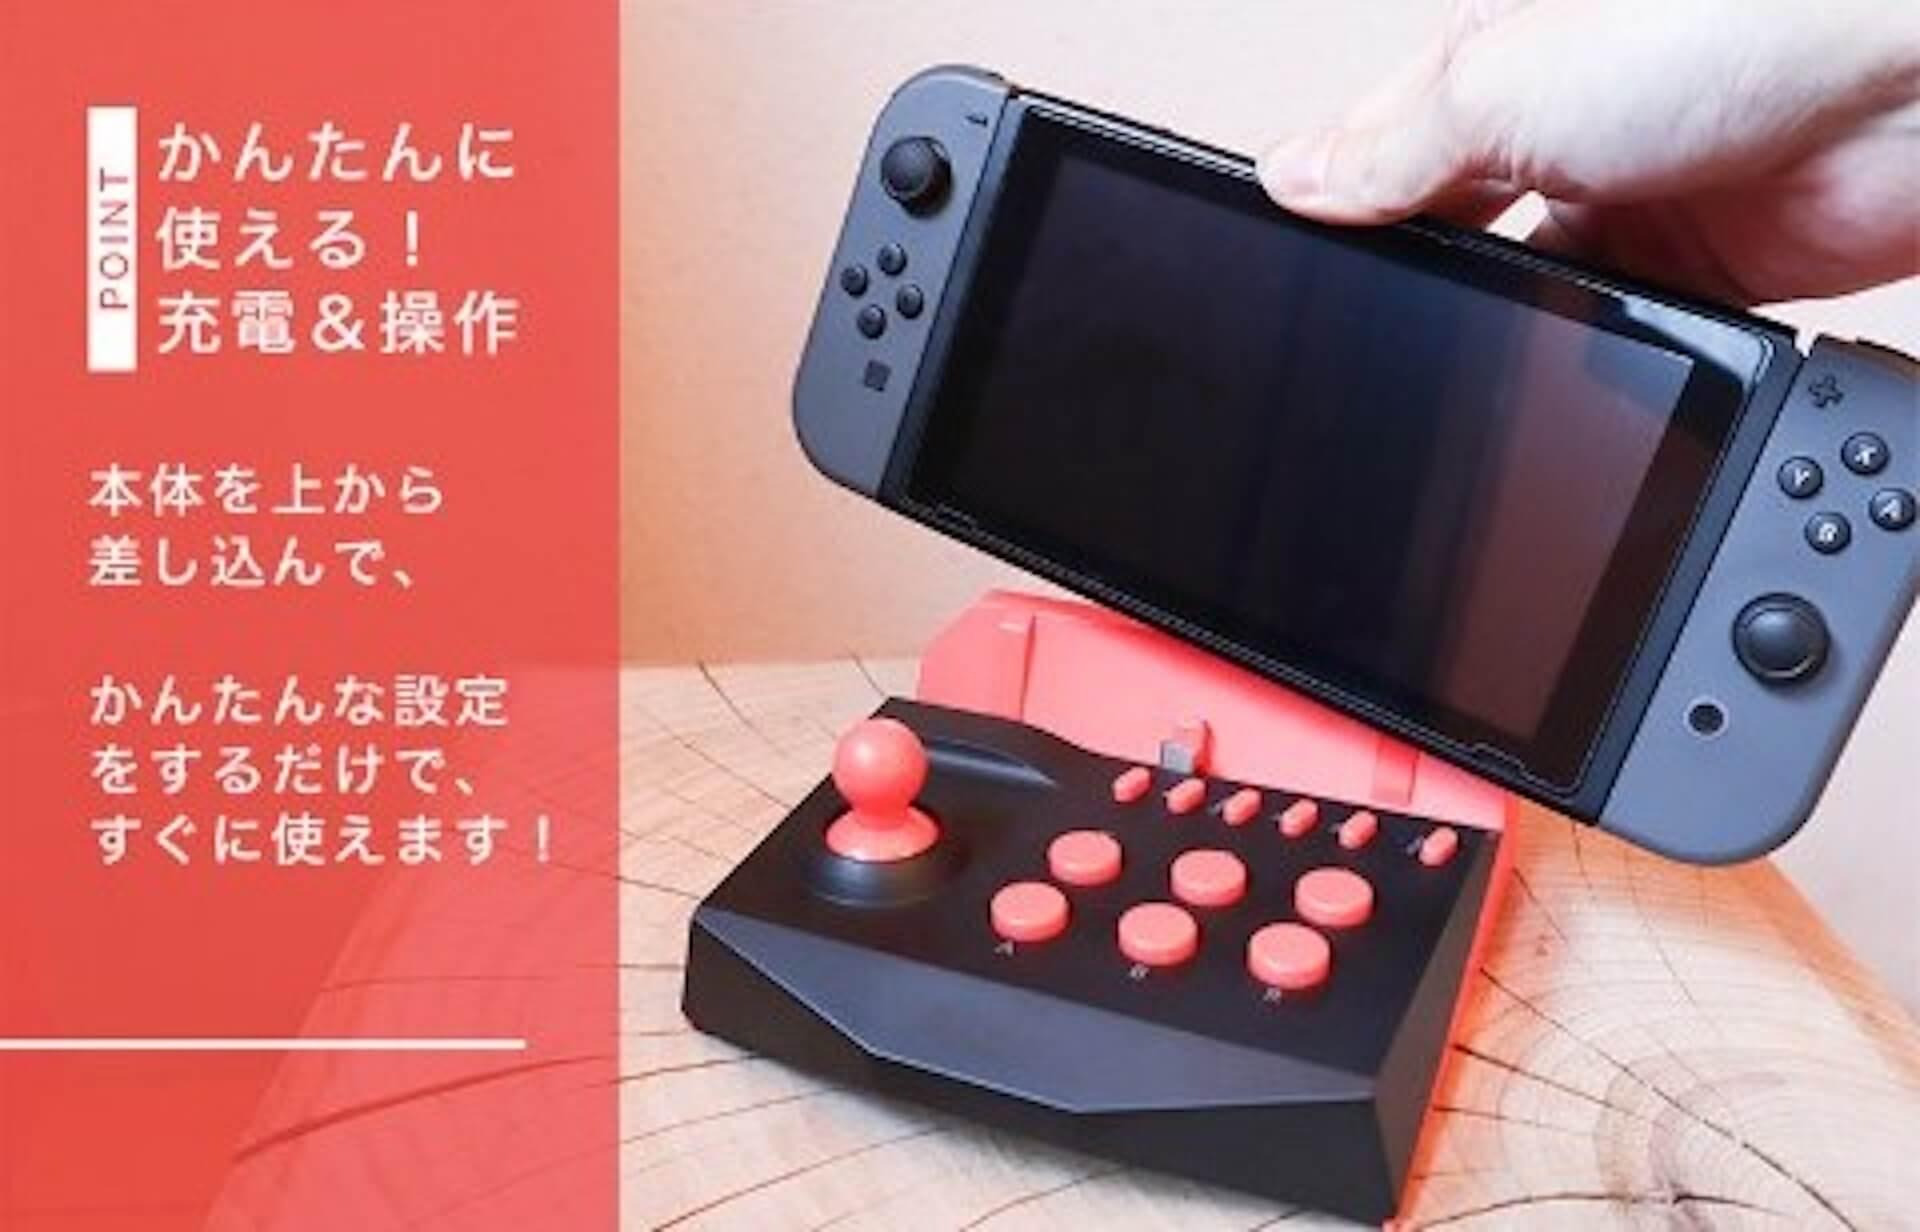 Nintendo Switchのゲームをアーケードゲーム風にプレイできる!ヴィレヴァンオンラインに充電できる「アーケードコントローラー」が登場 tech210323_nintendoswitch_controller_4